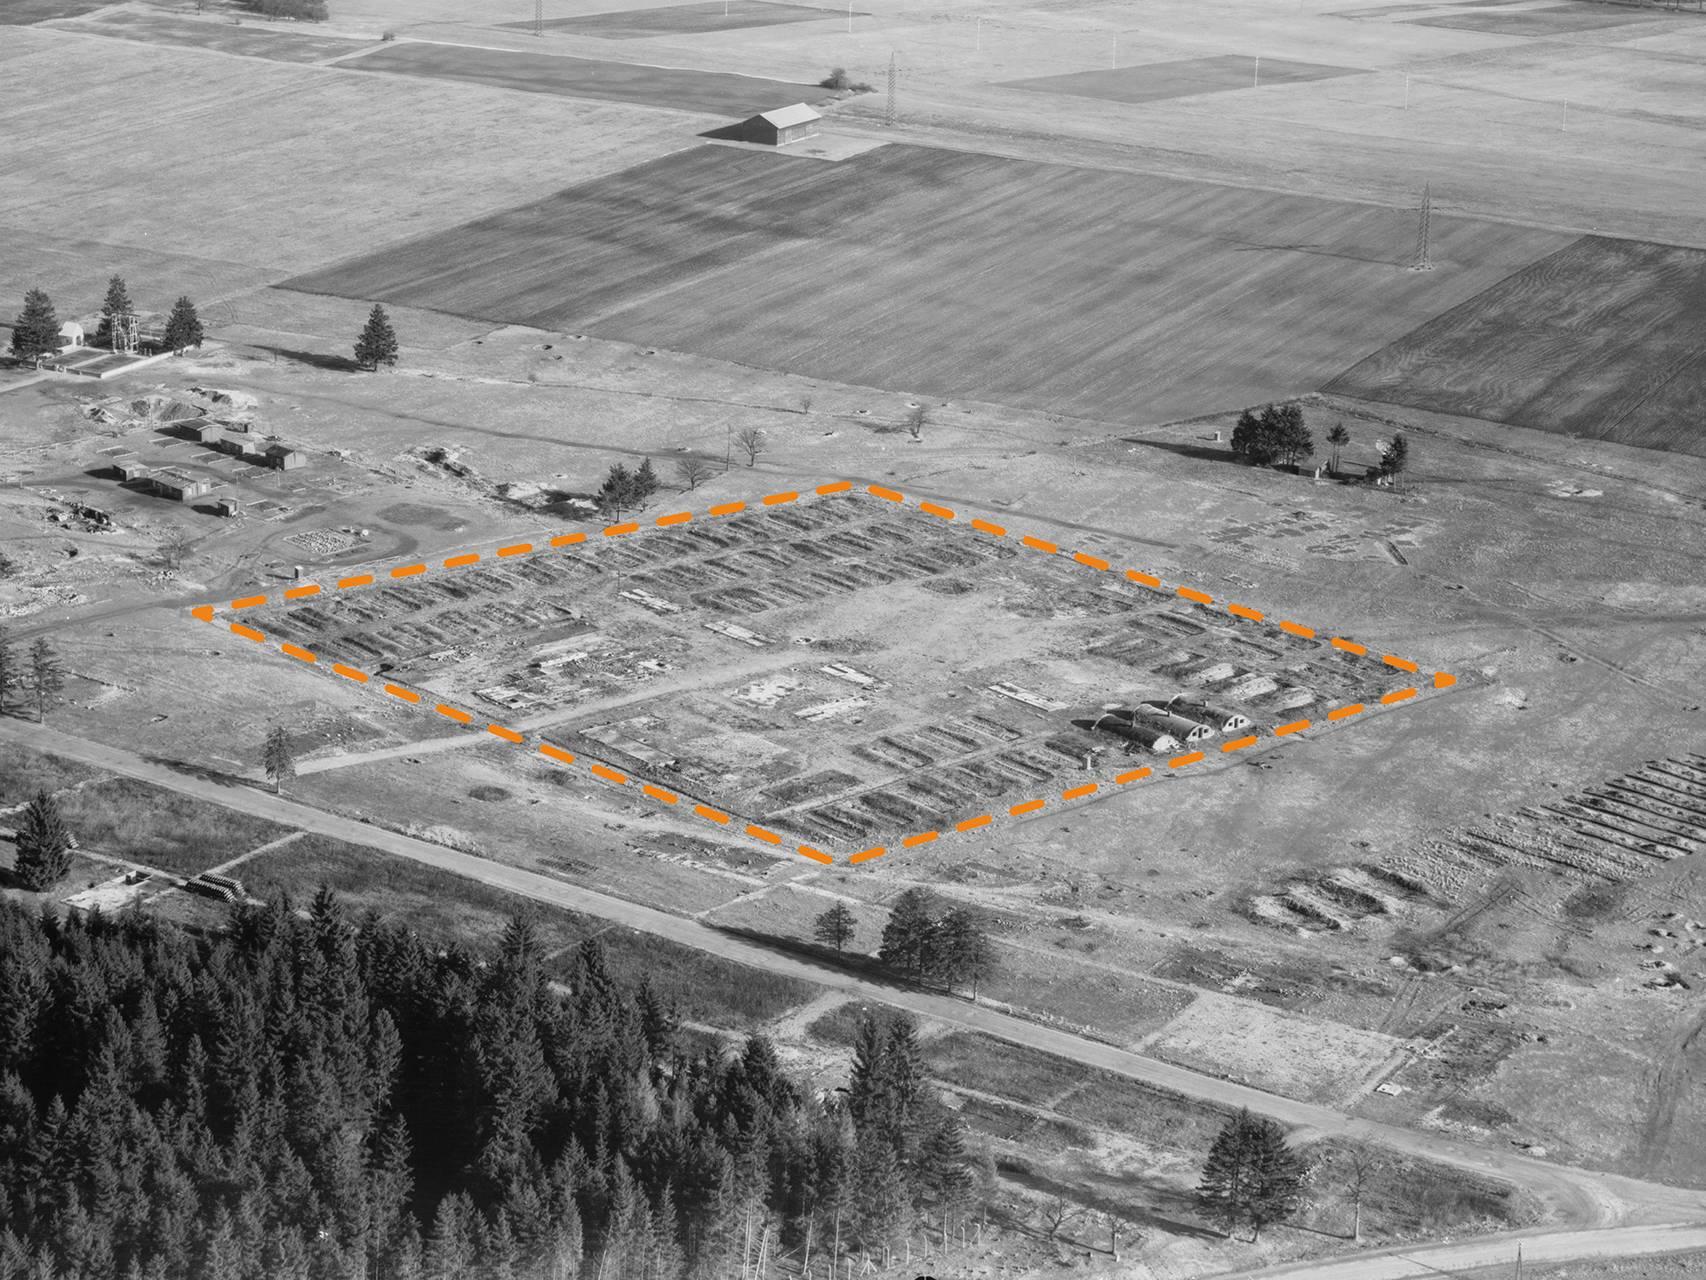 Luftbildaufnahme des KZ-Lagers Kaufering I nach der Befreiung.